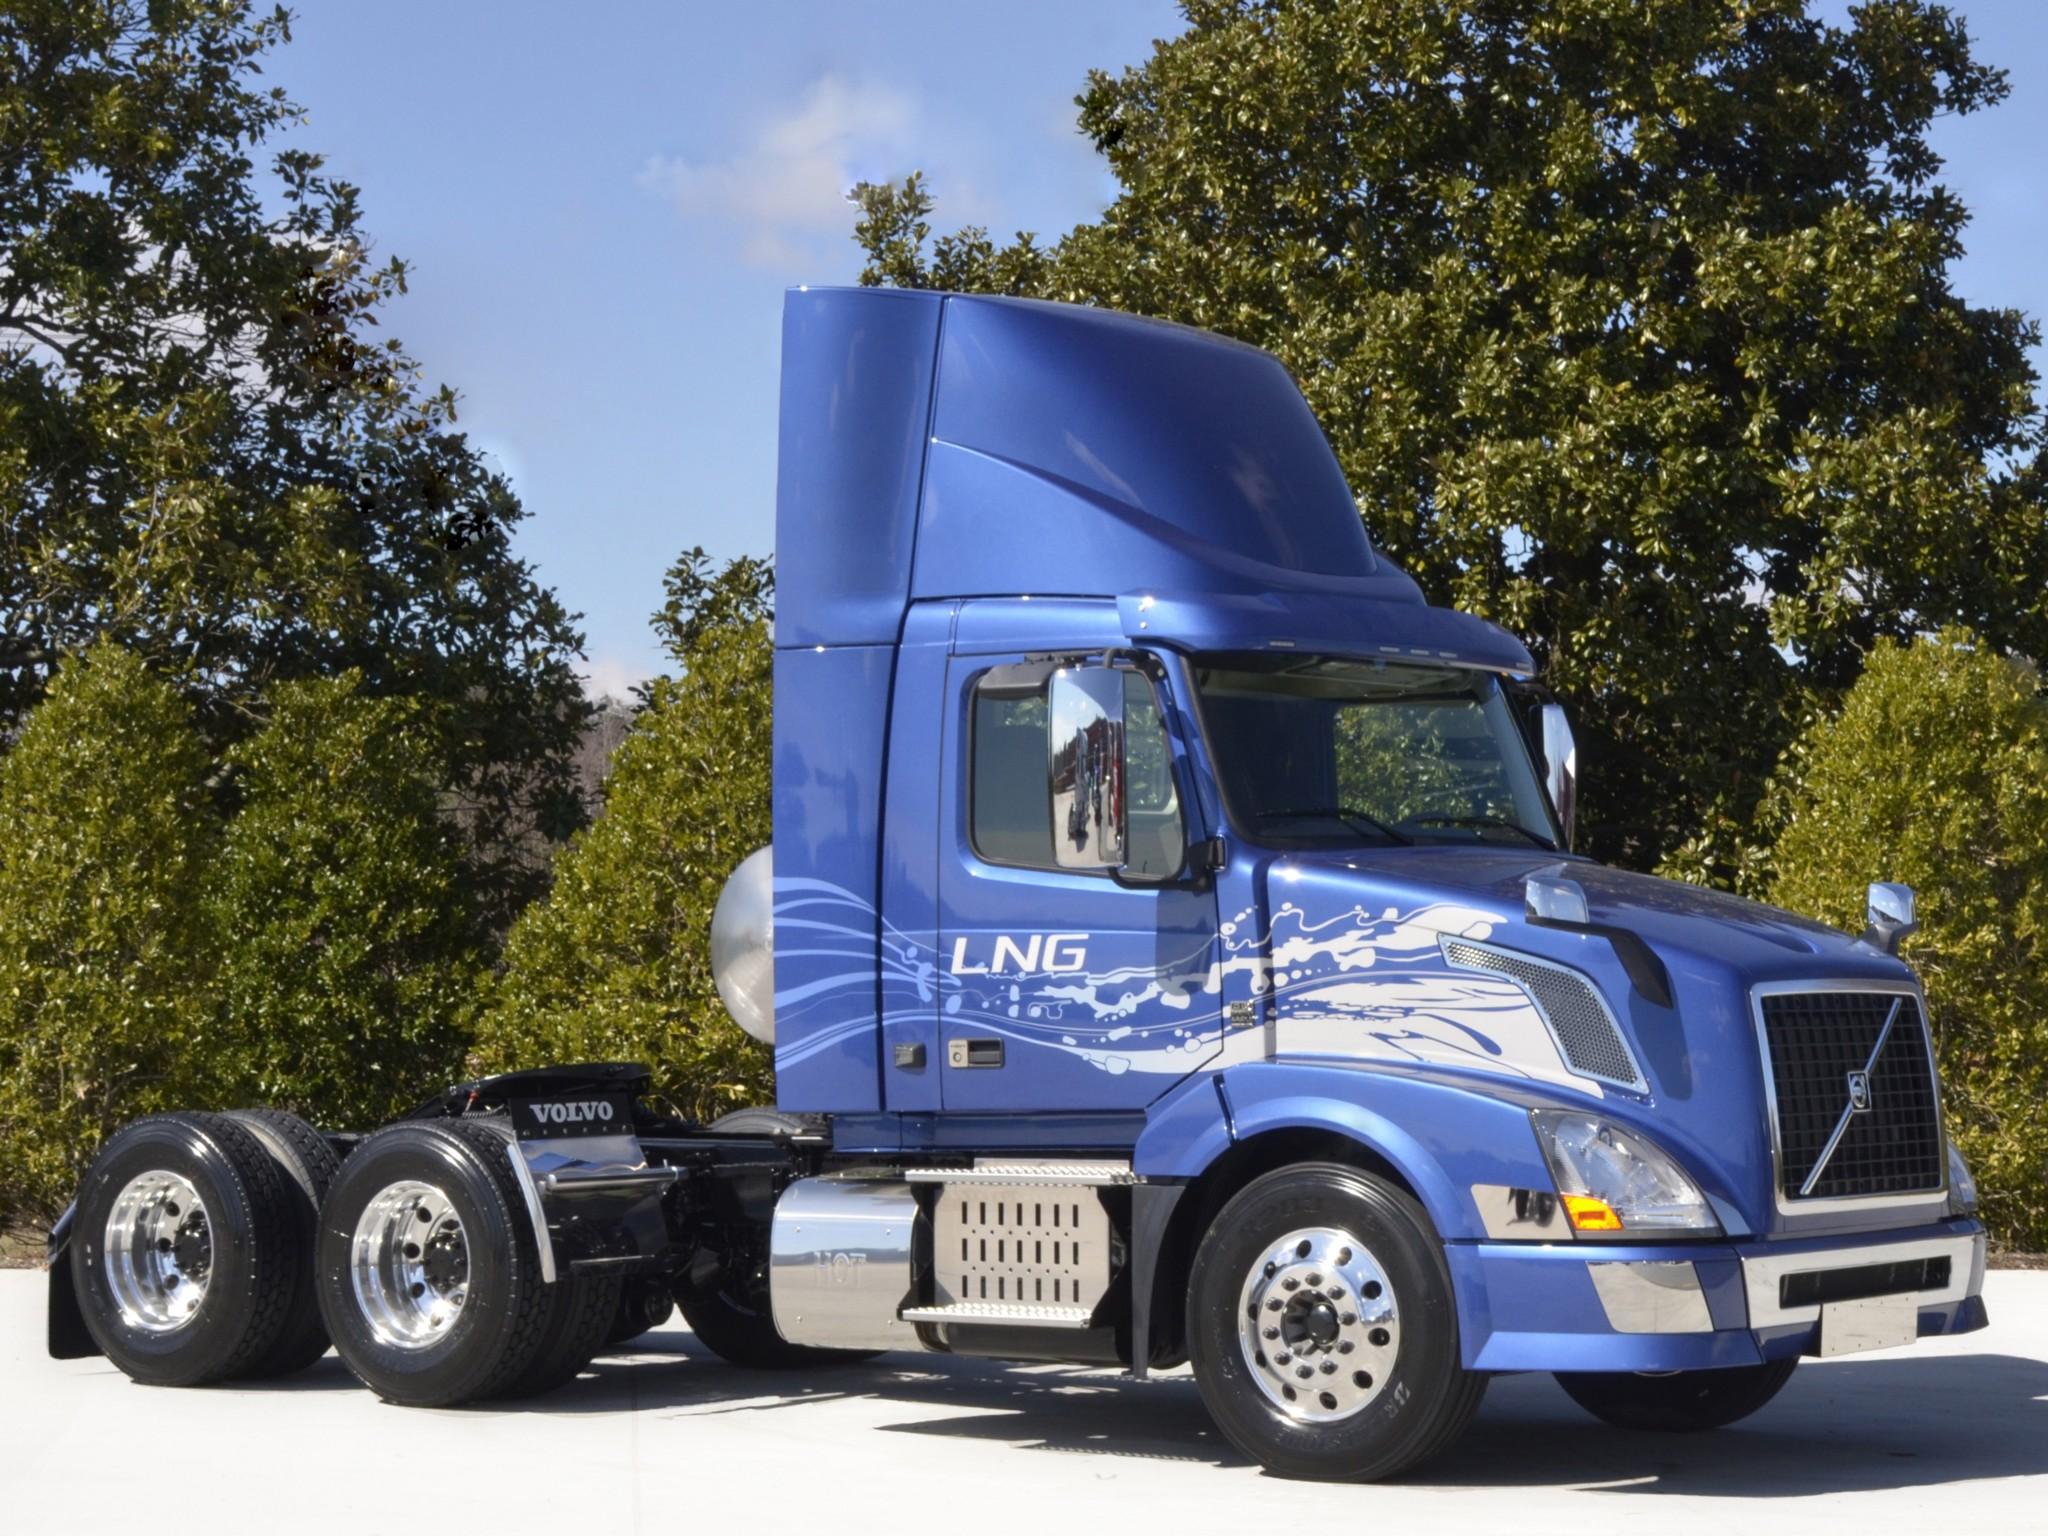 2013 volvo vnl 300 lng semi tractor rig rigs truck transport wallpaper 2048x1536 116348 - Volvo vnl wallpaper ...